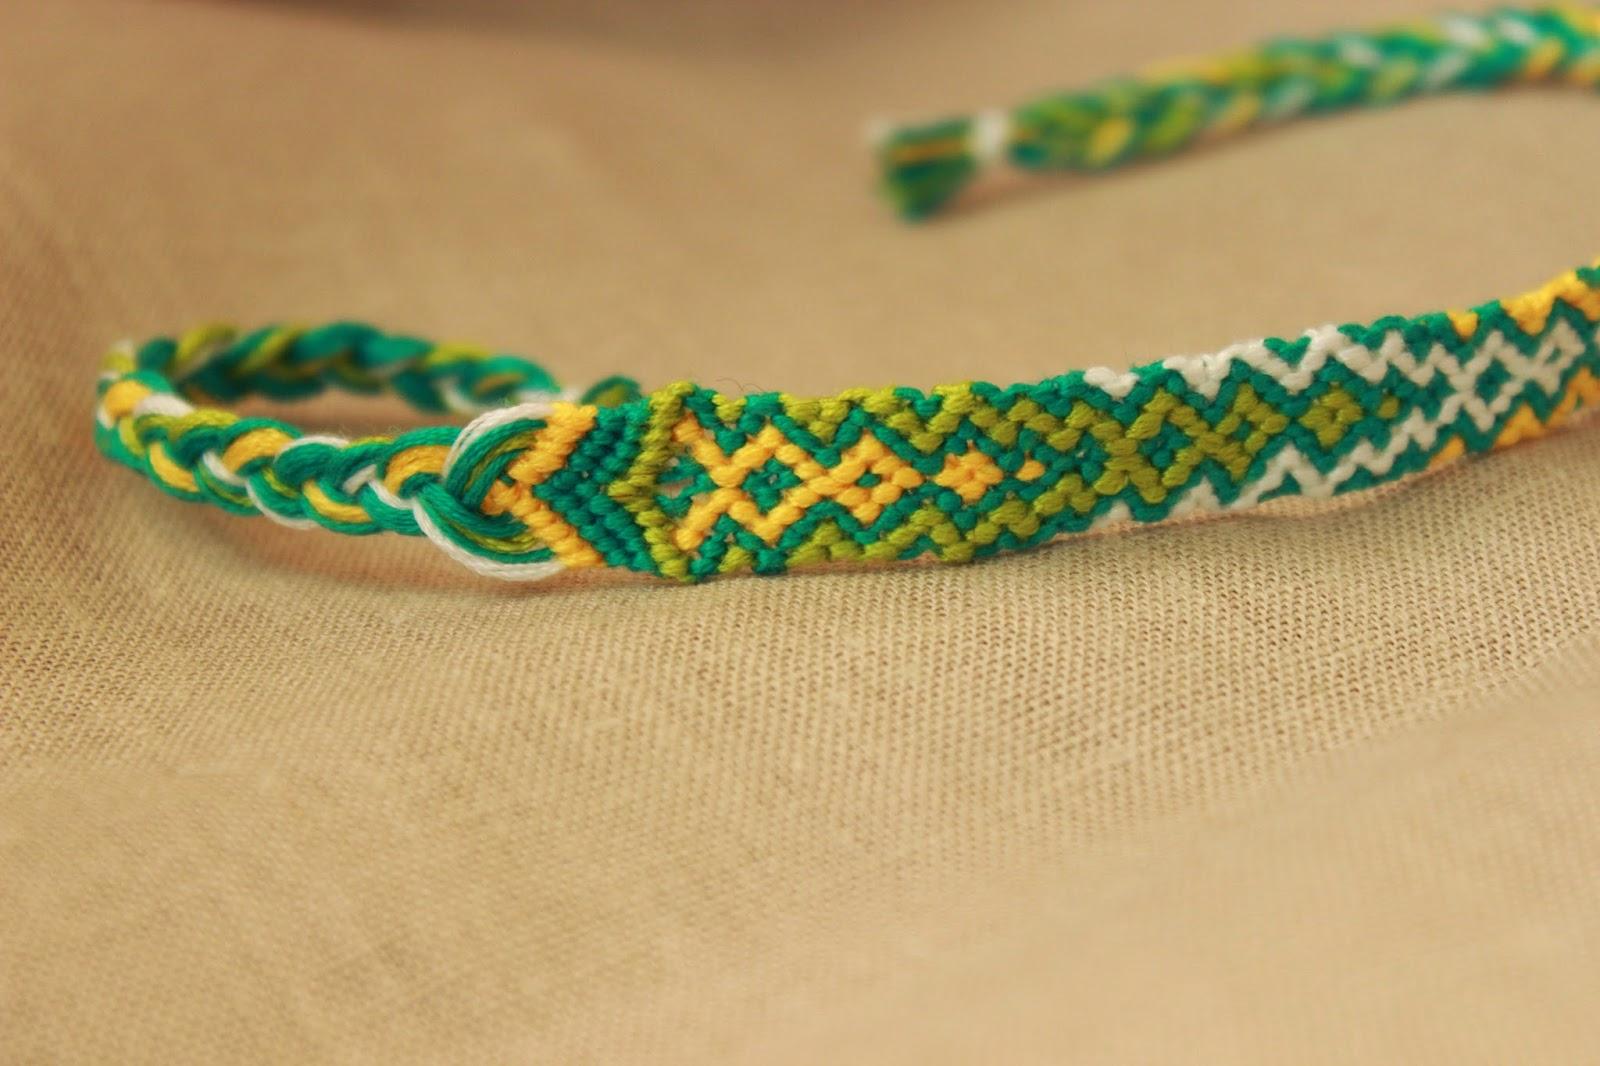 фенечки, узоры для фенечек, красивые браслеты, узорные плетеночки, настроение своими руками